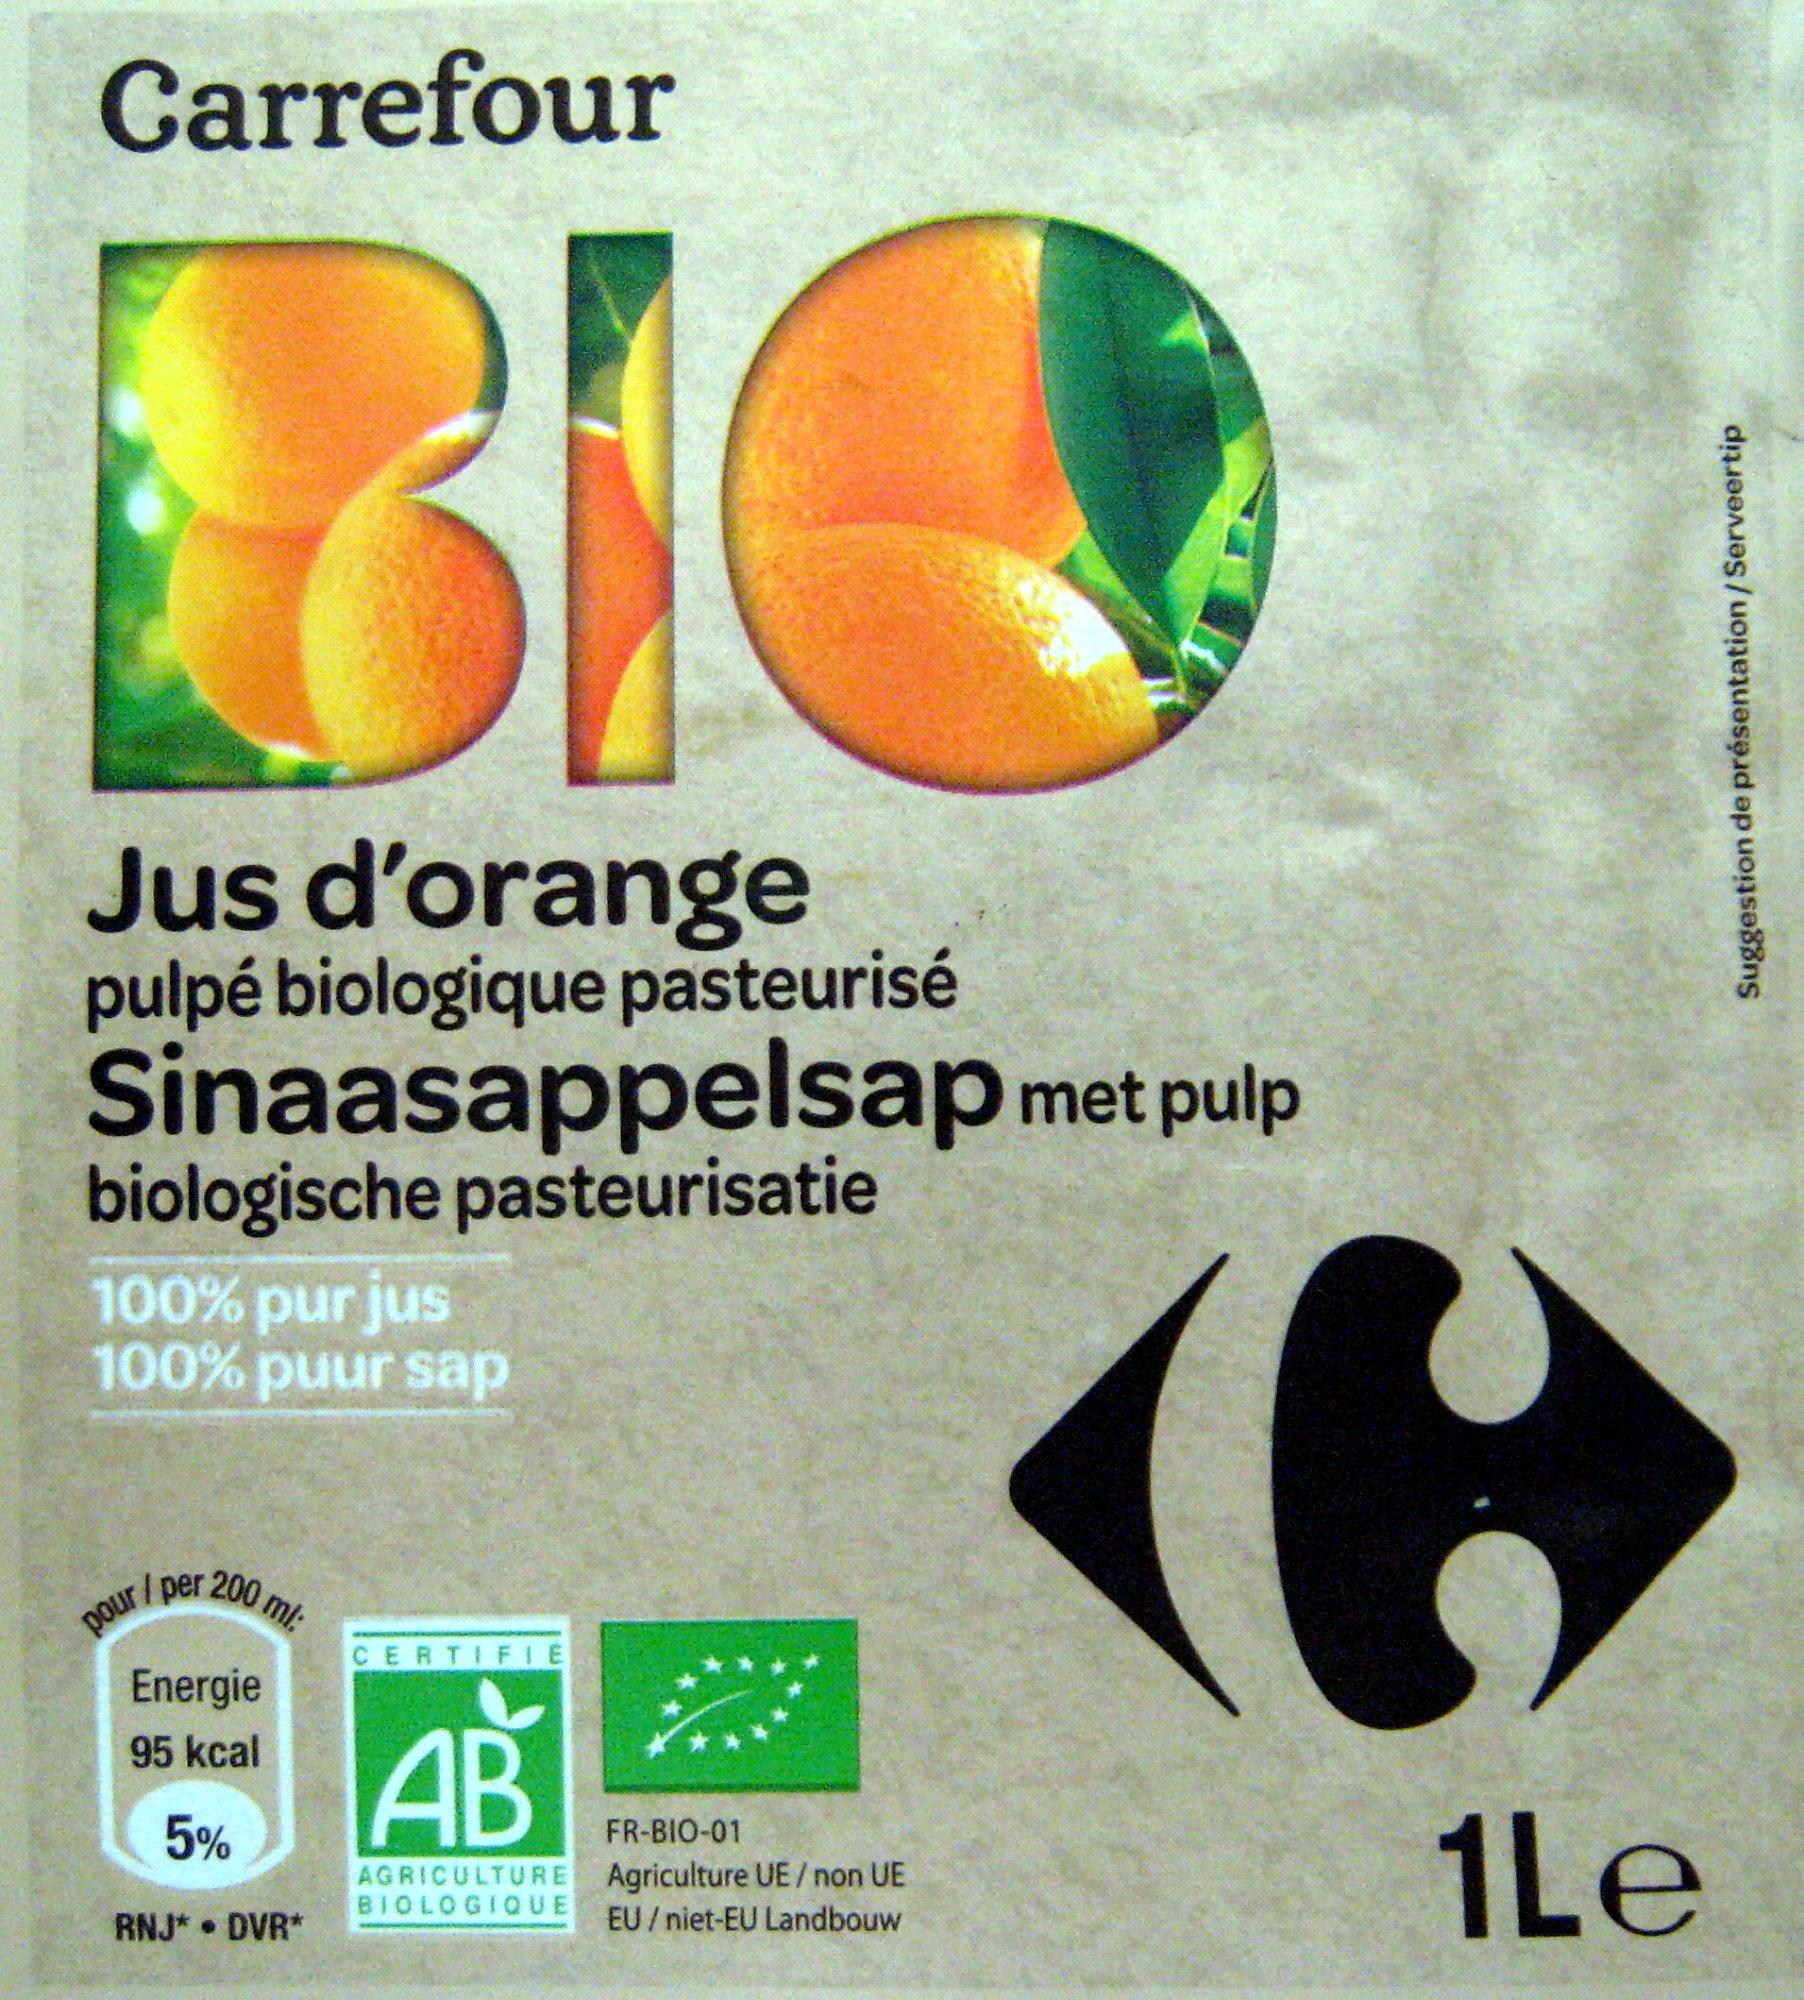 Jus d'orange pulpé biologique pasteurisé - Product - fr